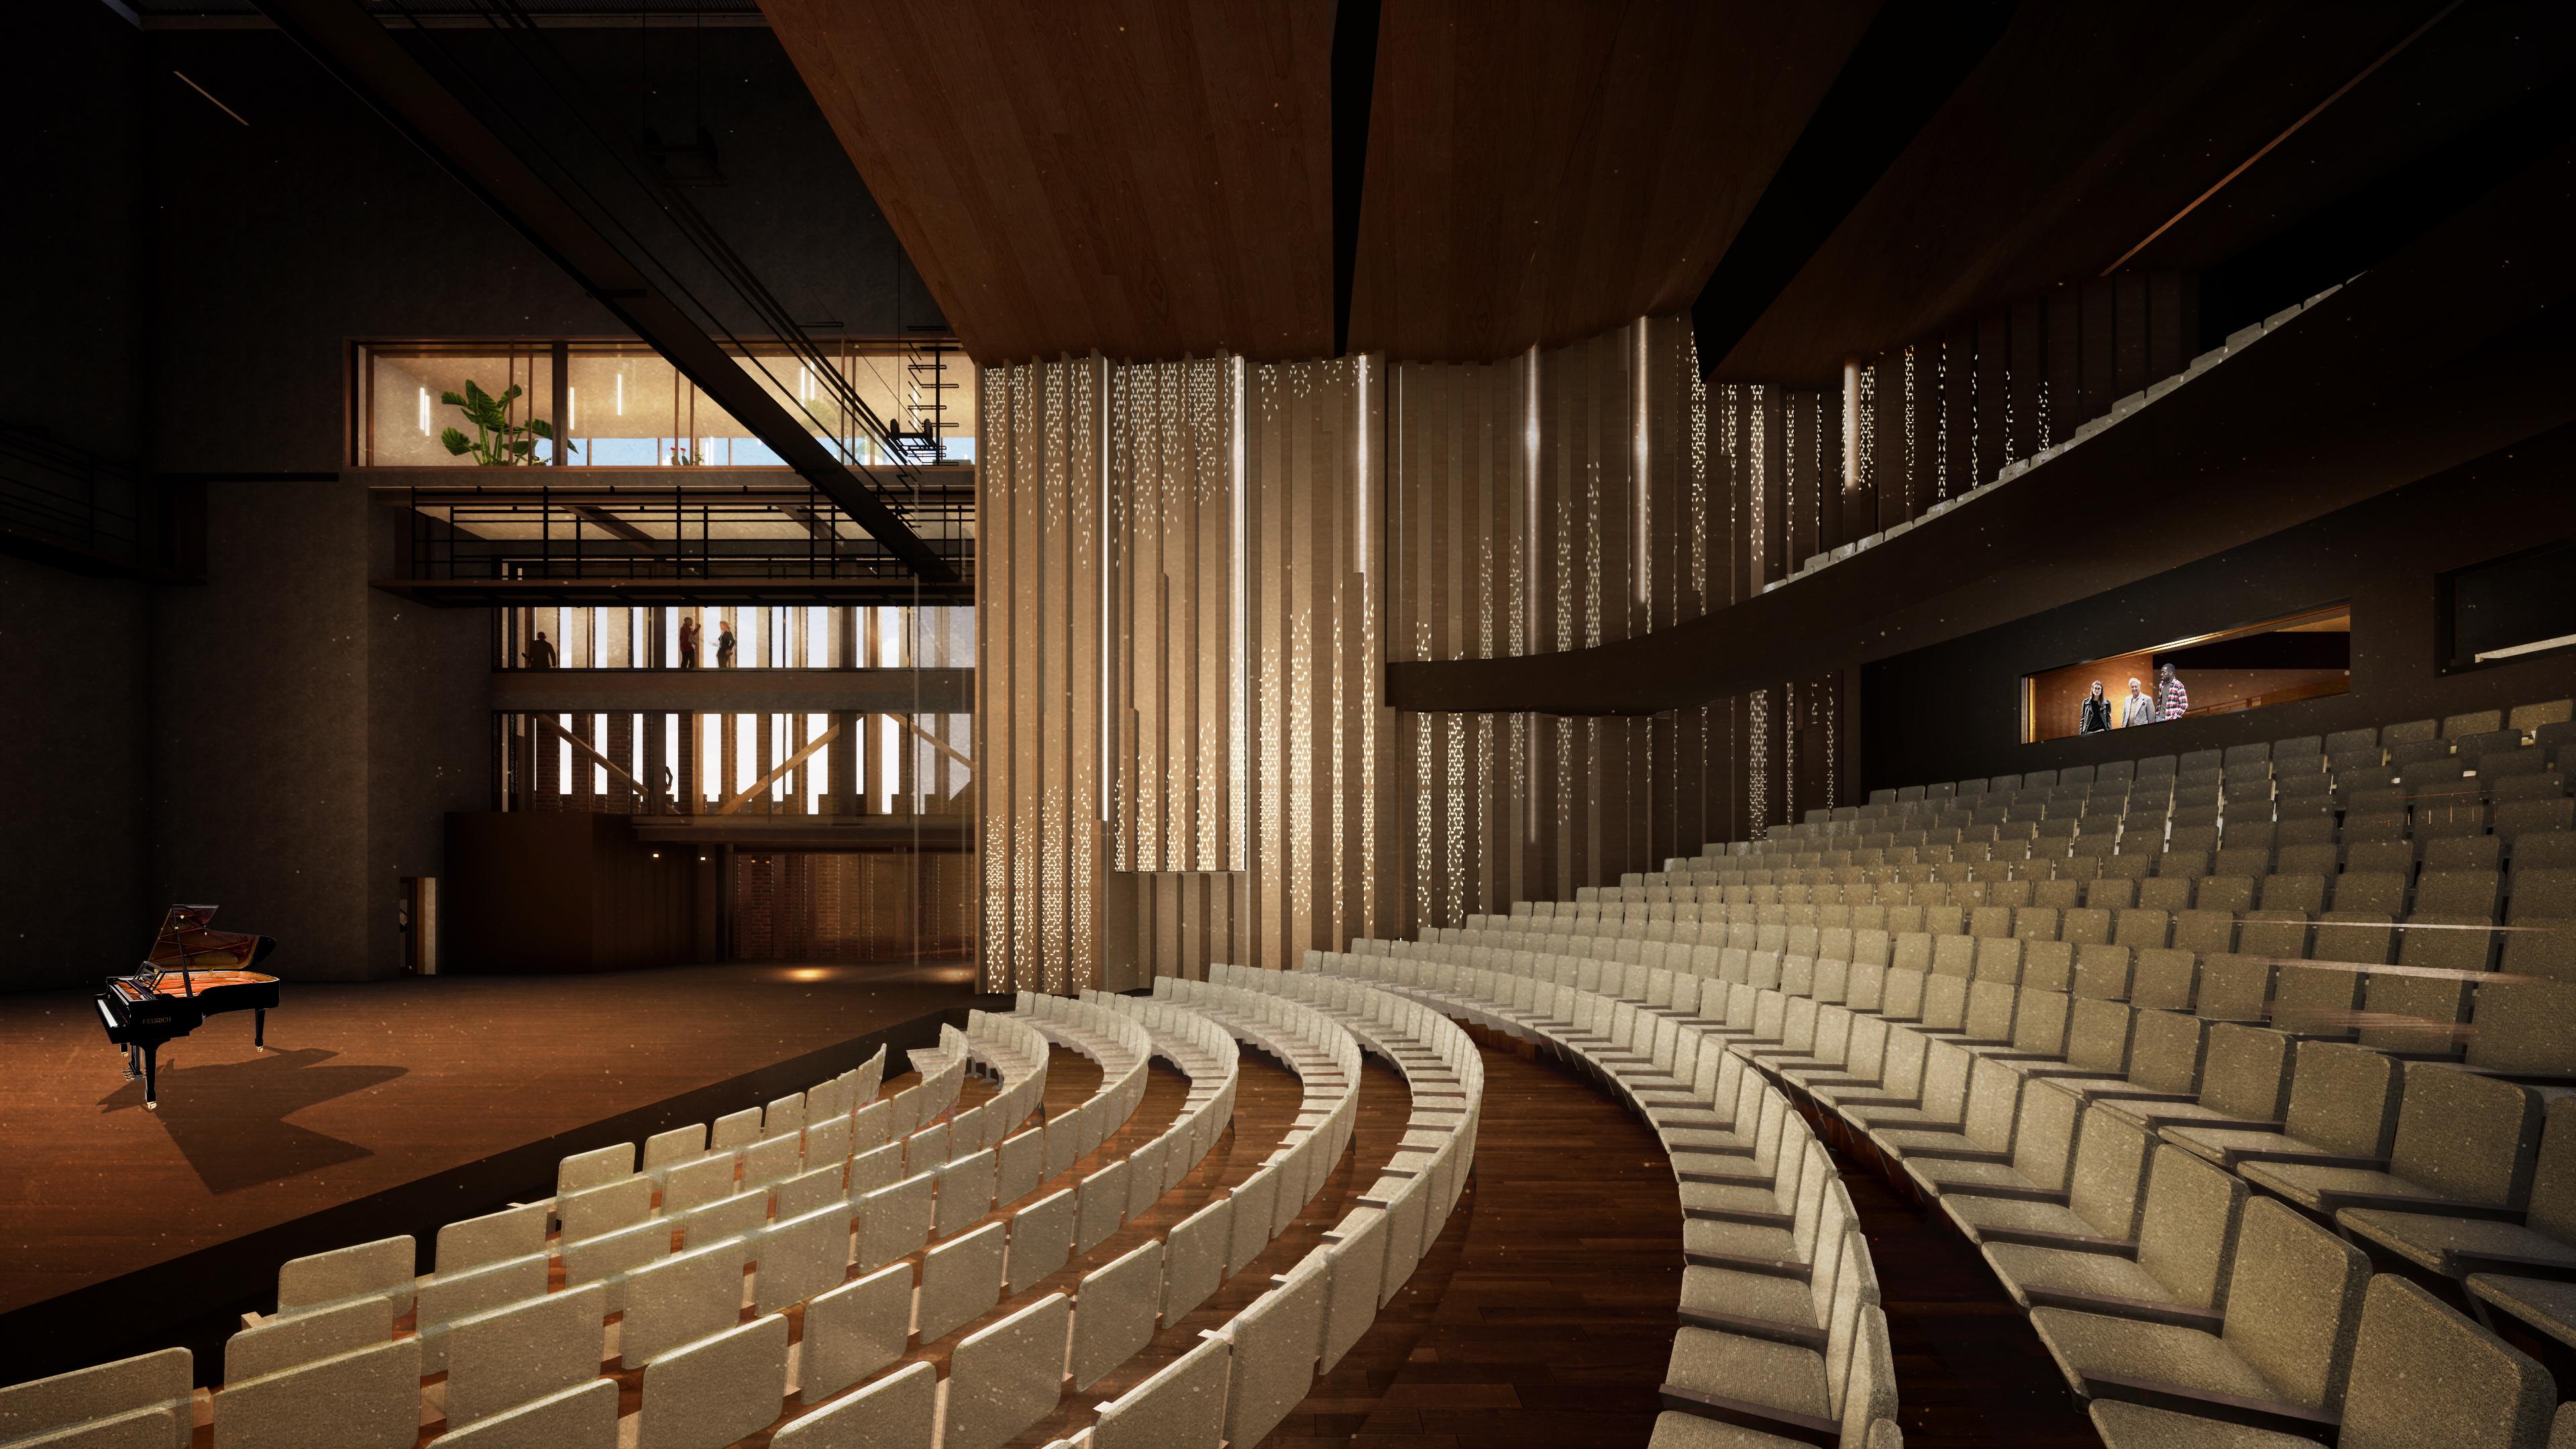 <p>Interieur Grote Zaal, podium en parterre. Theater aan de Parade door NOAHH   Network Oriented Architecture</p>